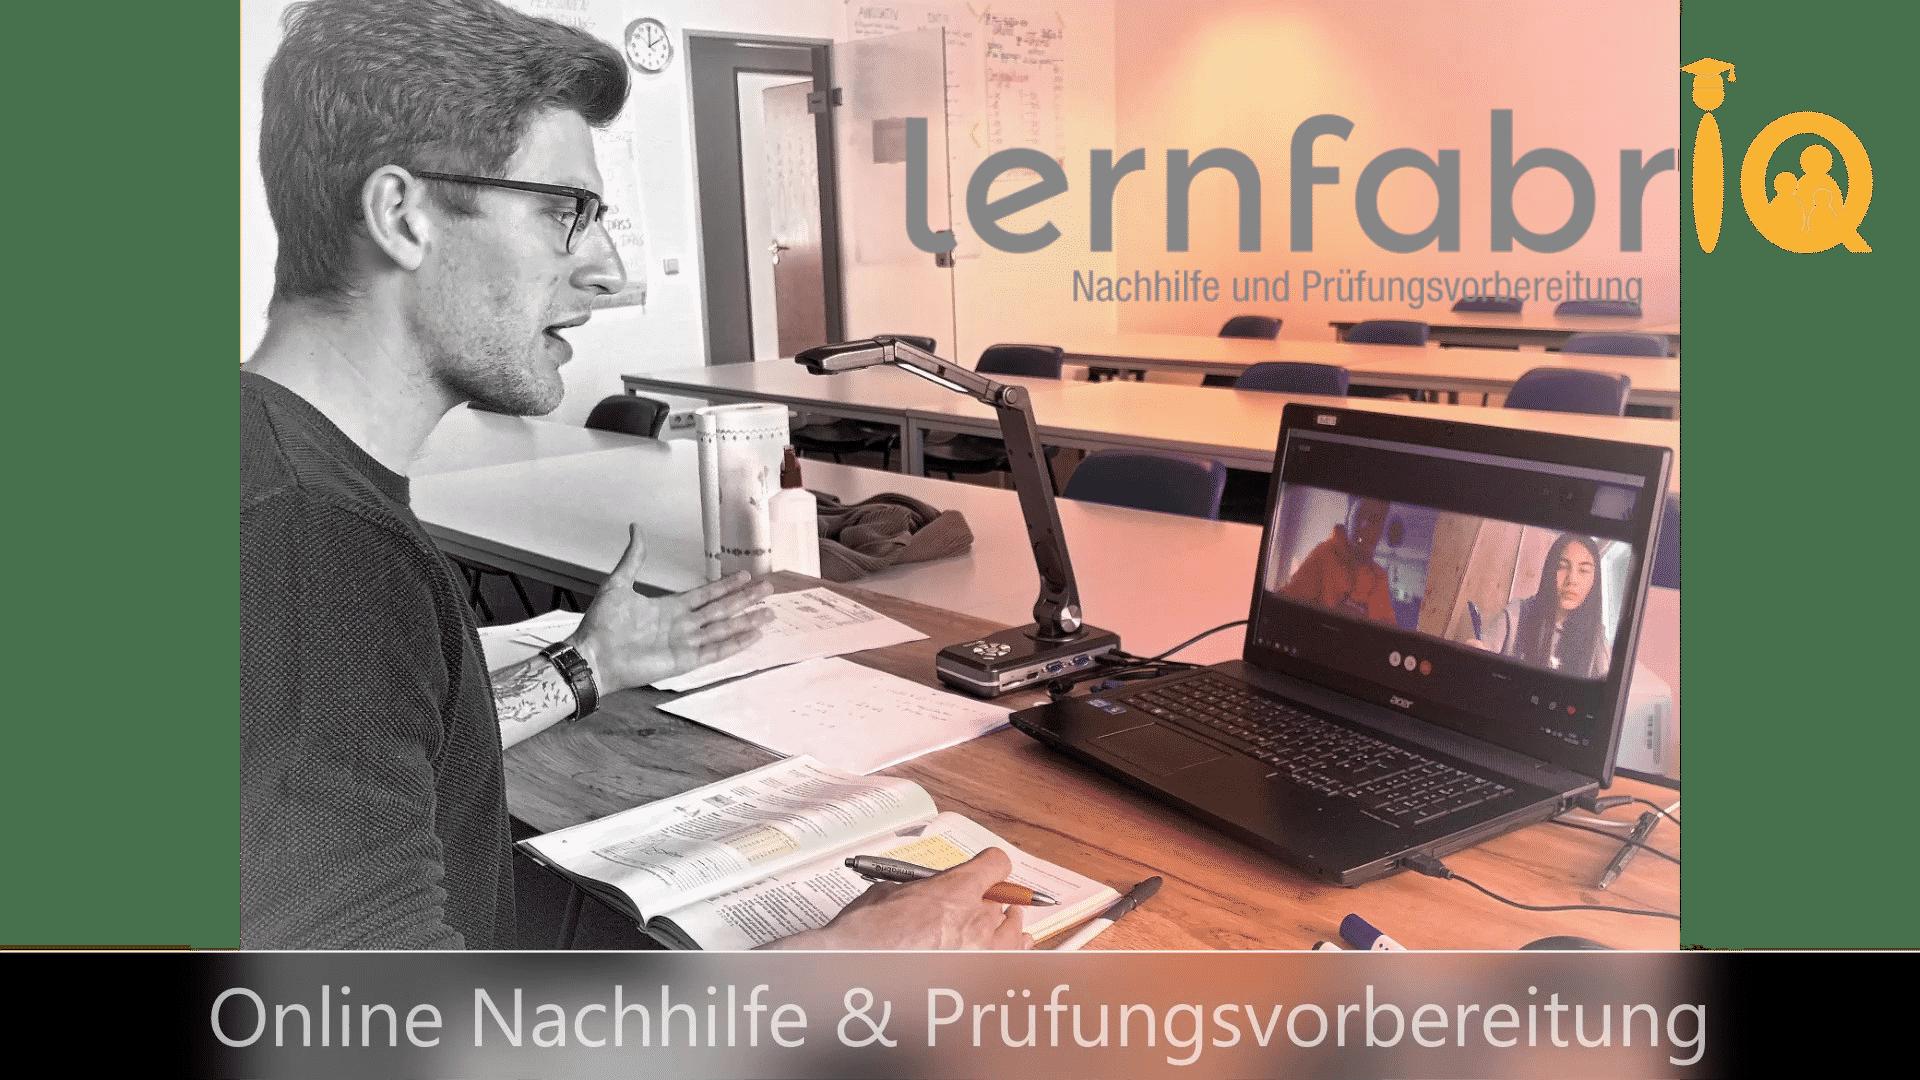 Onlineunterricht und Onlinenachhilfe mit der lernfabriQ Kempten